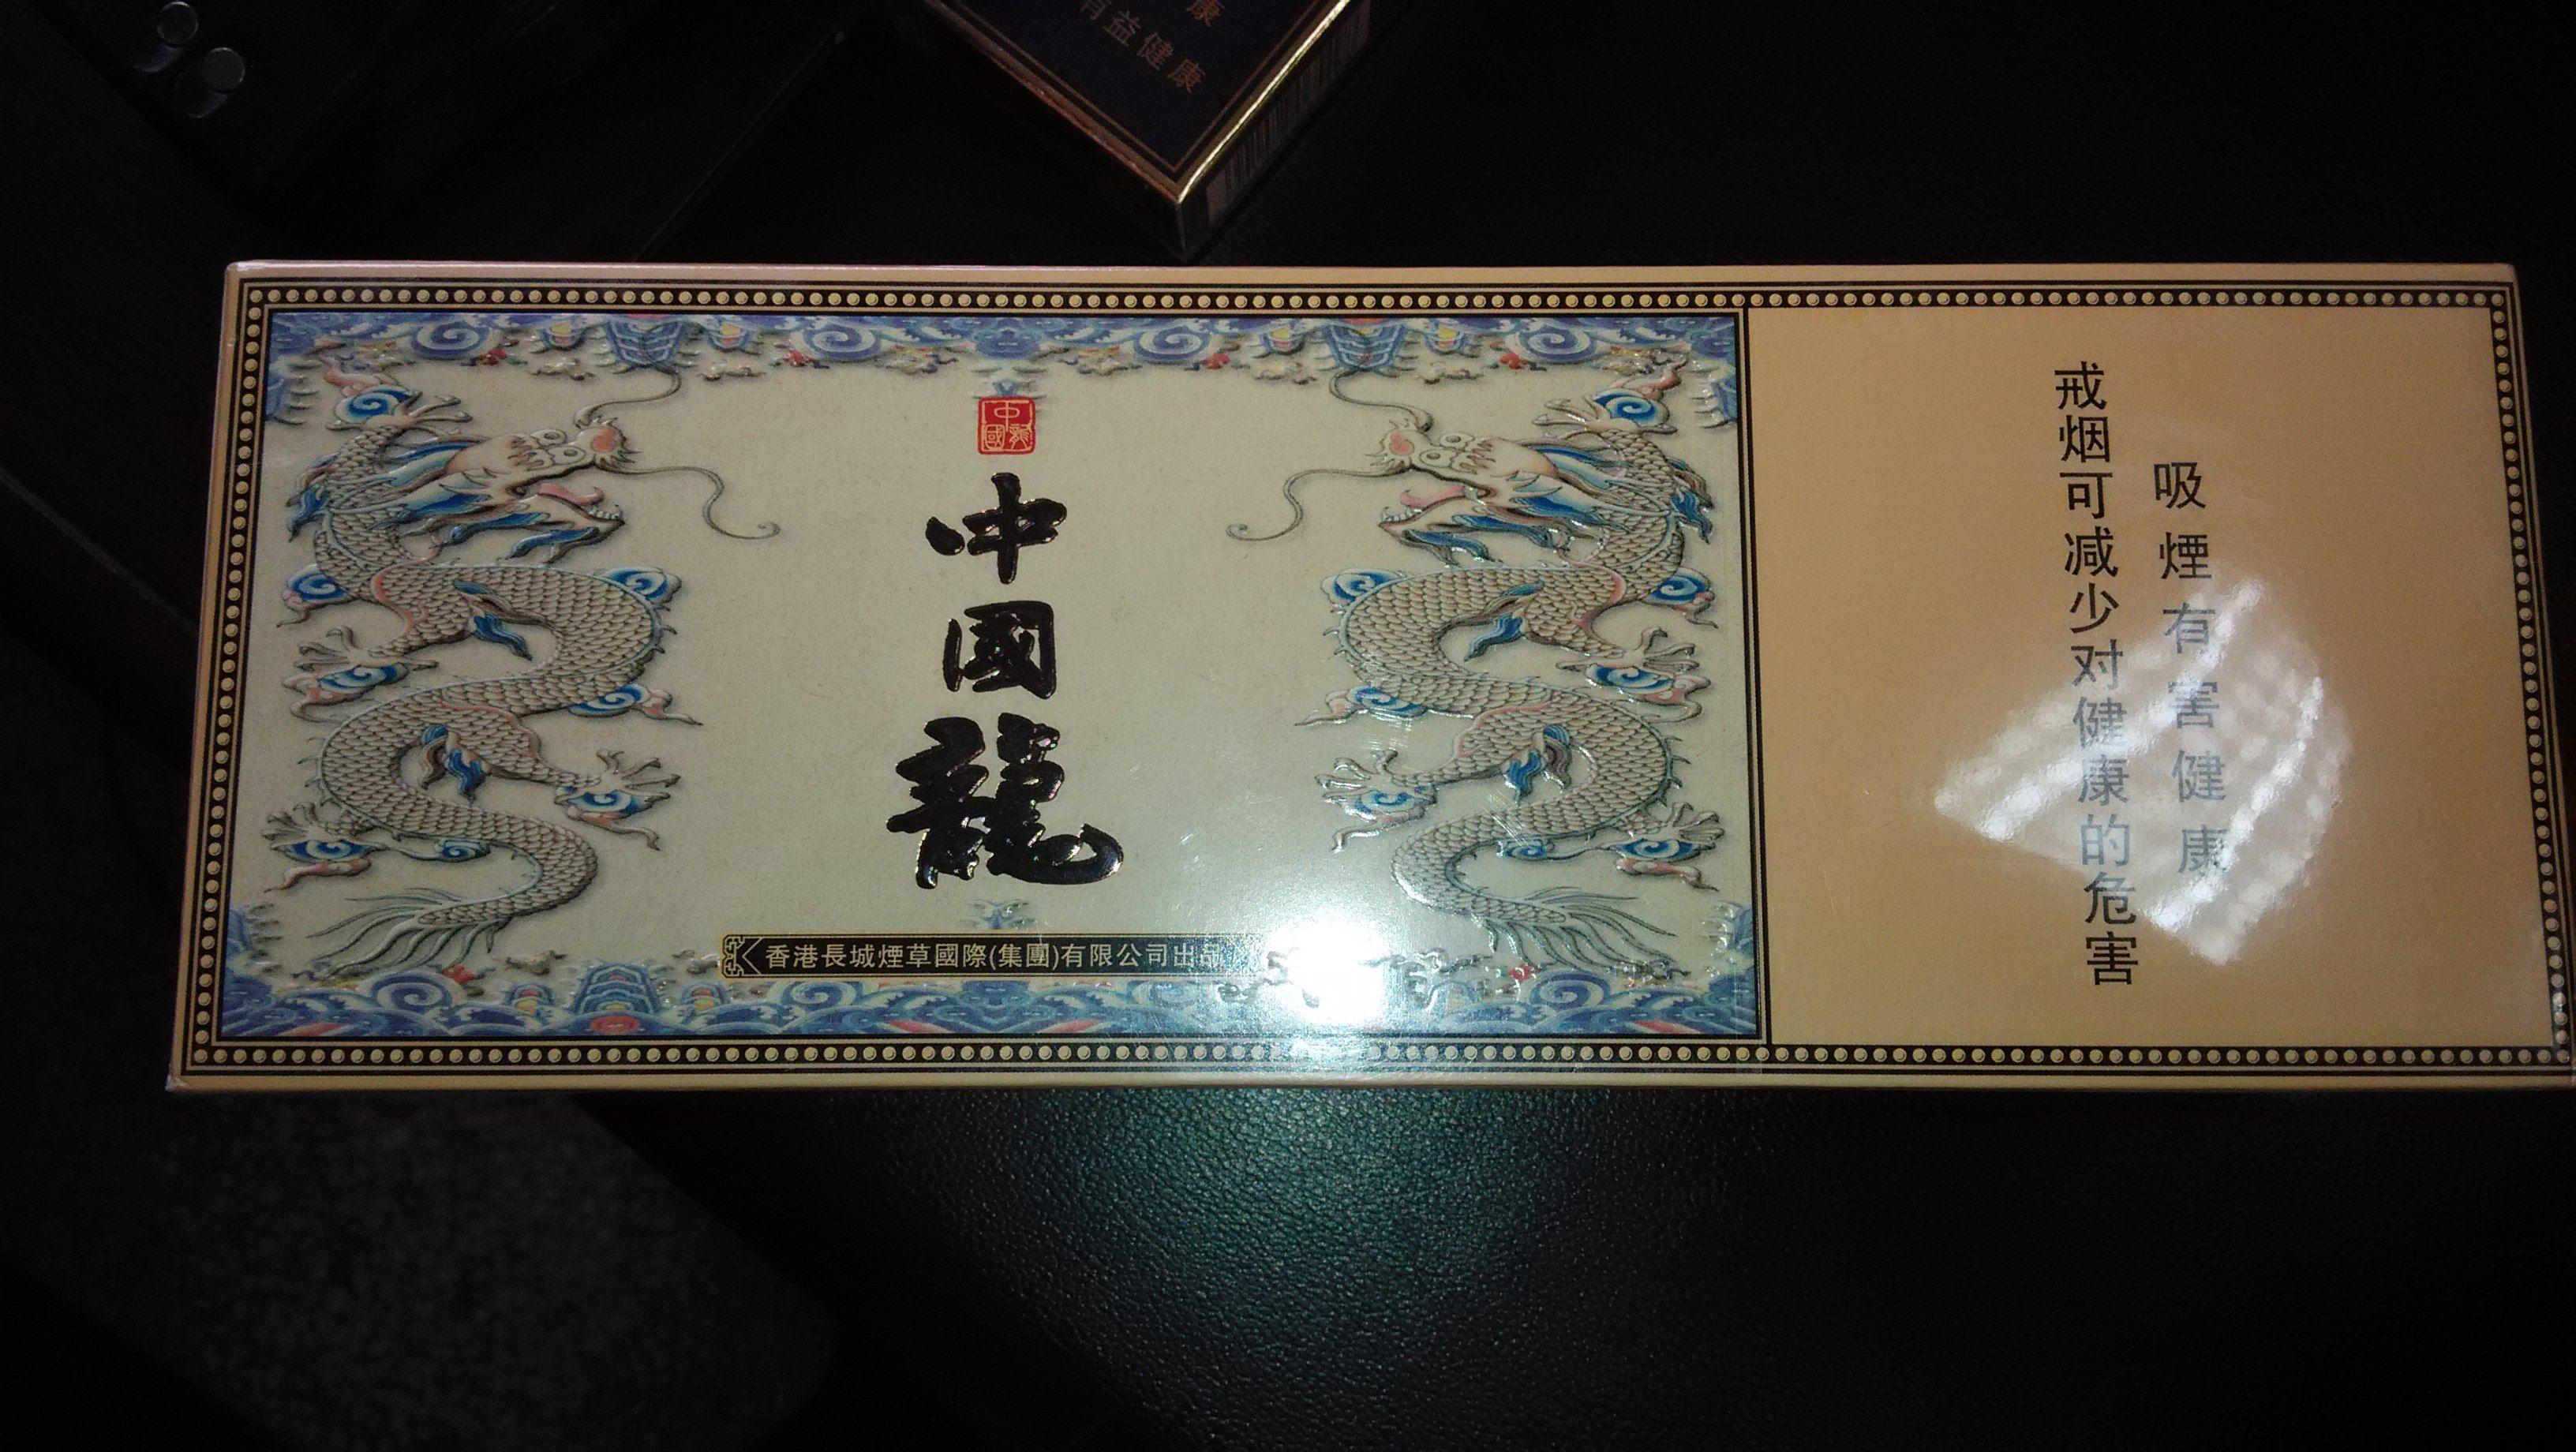 中国龙香烟